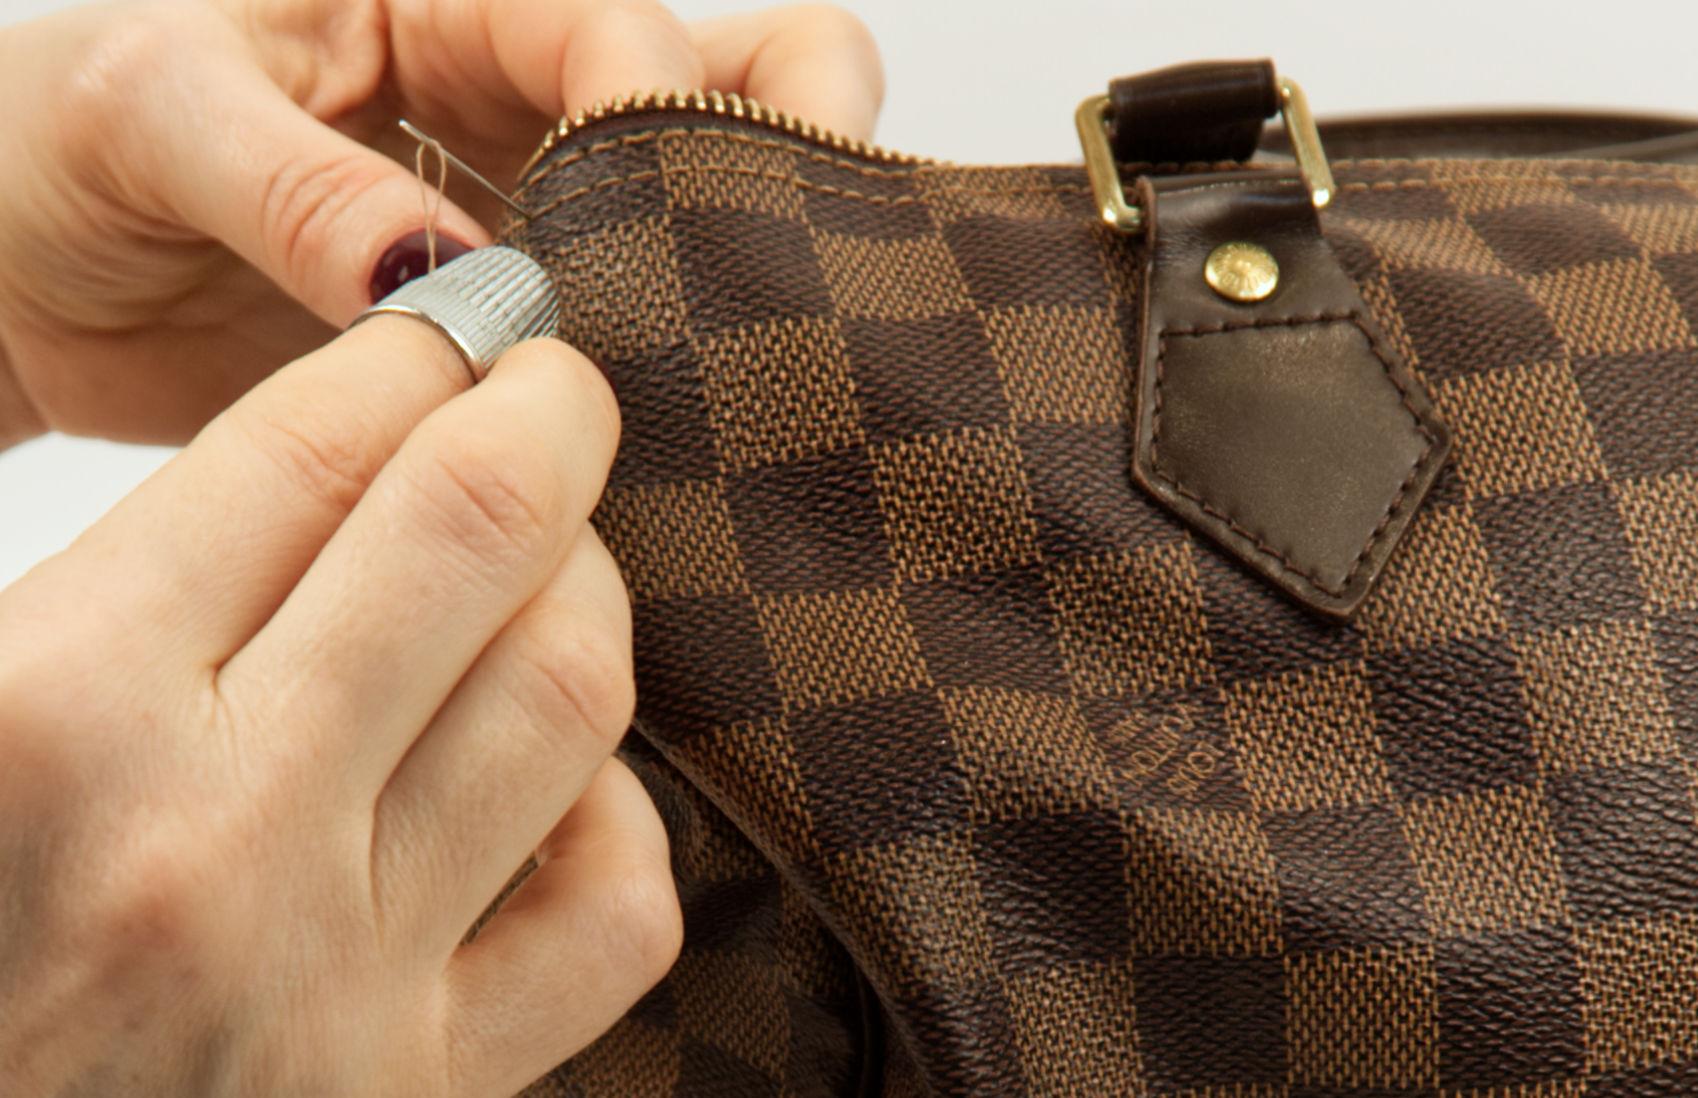 Handtaschenreinigung & Fleckenentfernung